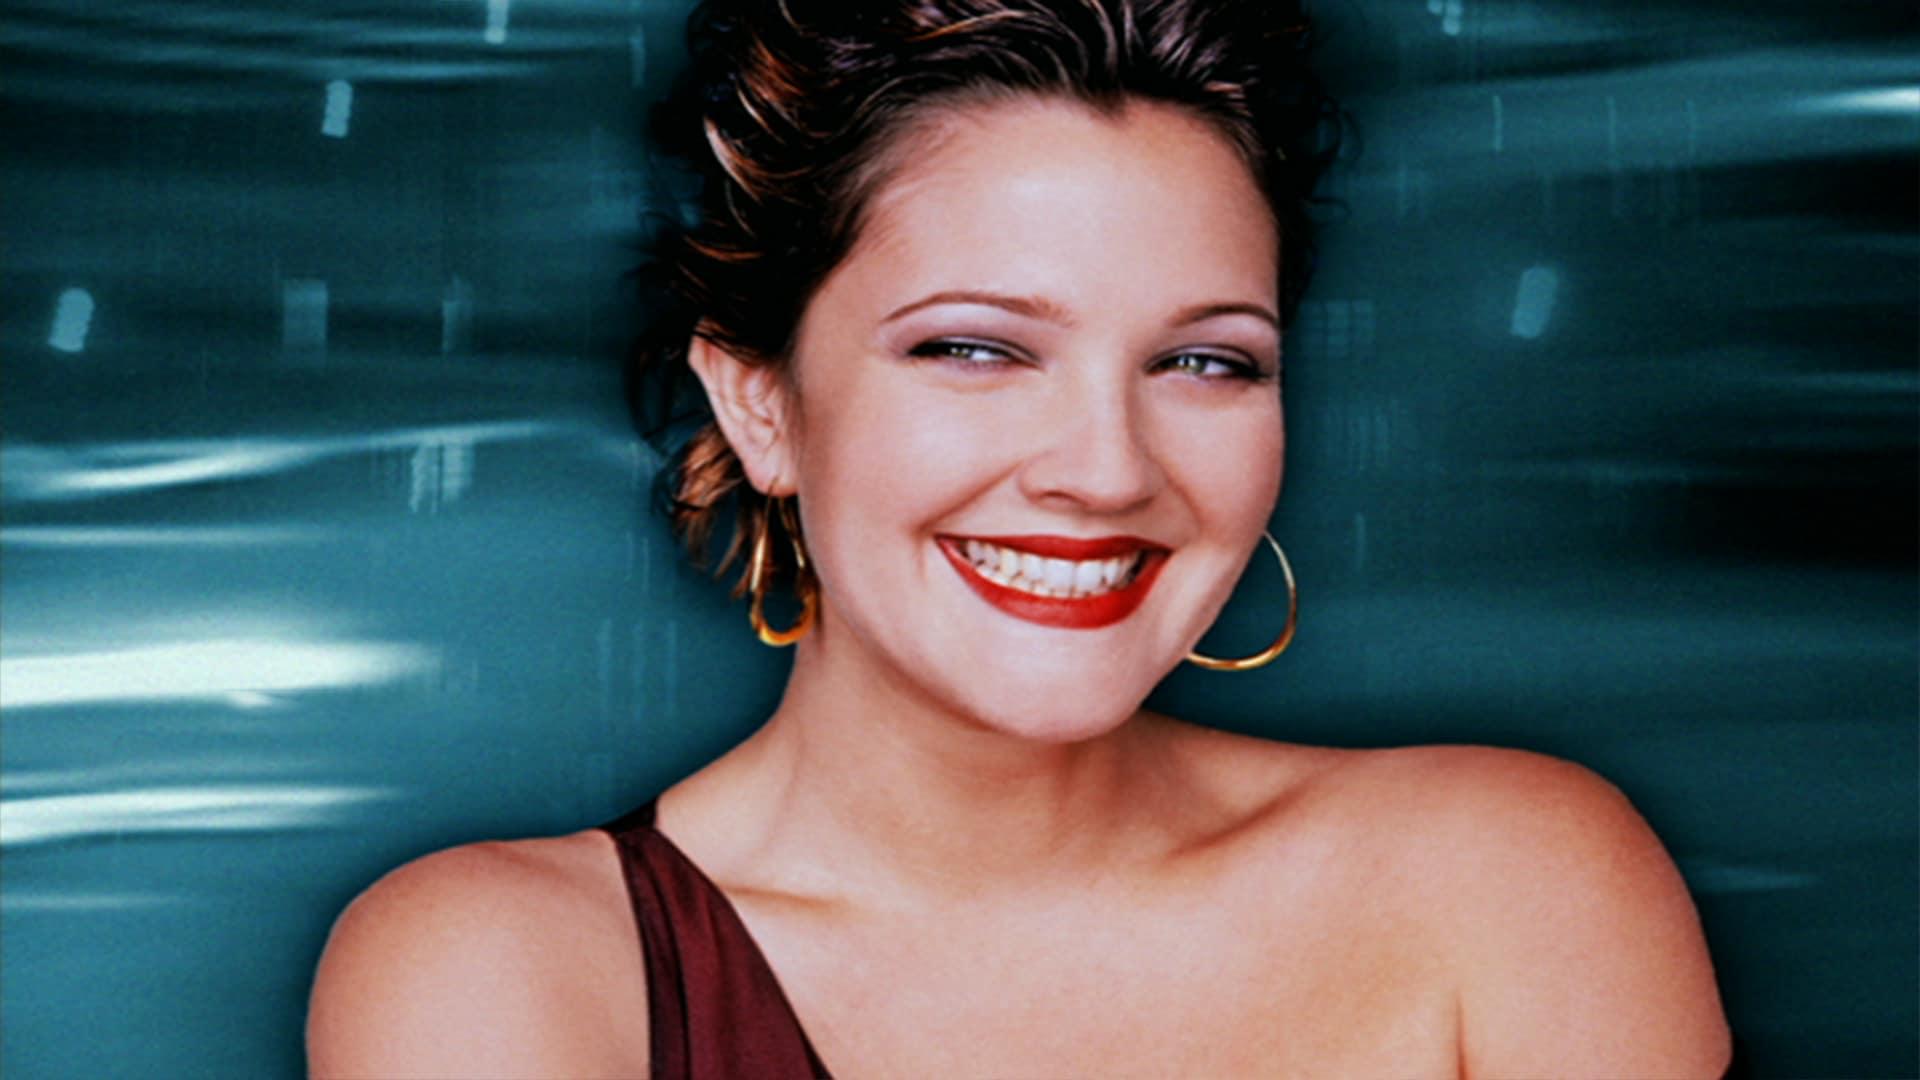 Drew Barrymore: October 13, 2001